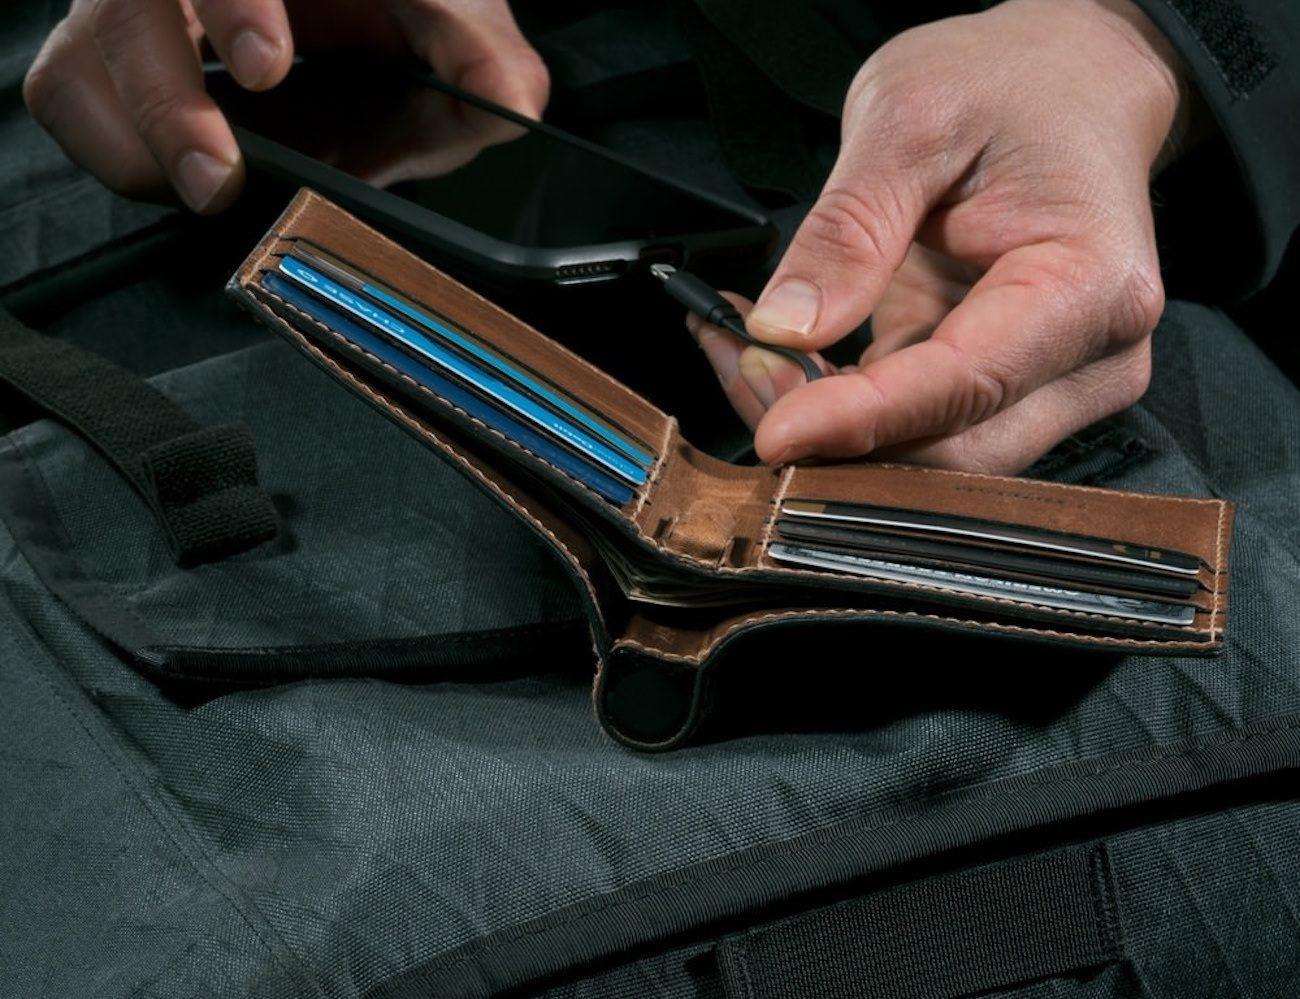 Nomad+Bi-Fold+Leather+Charging+Wallet